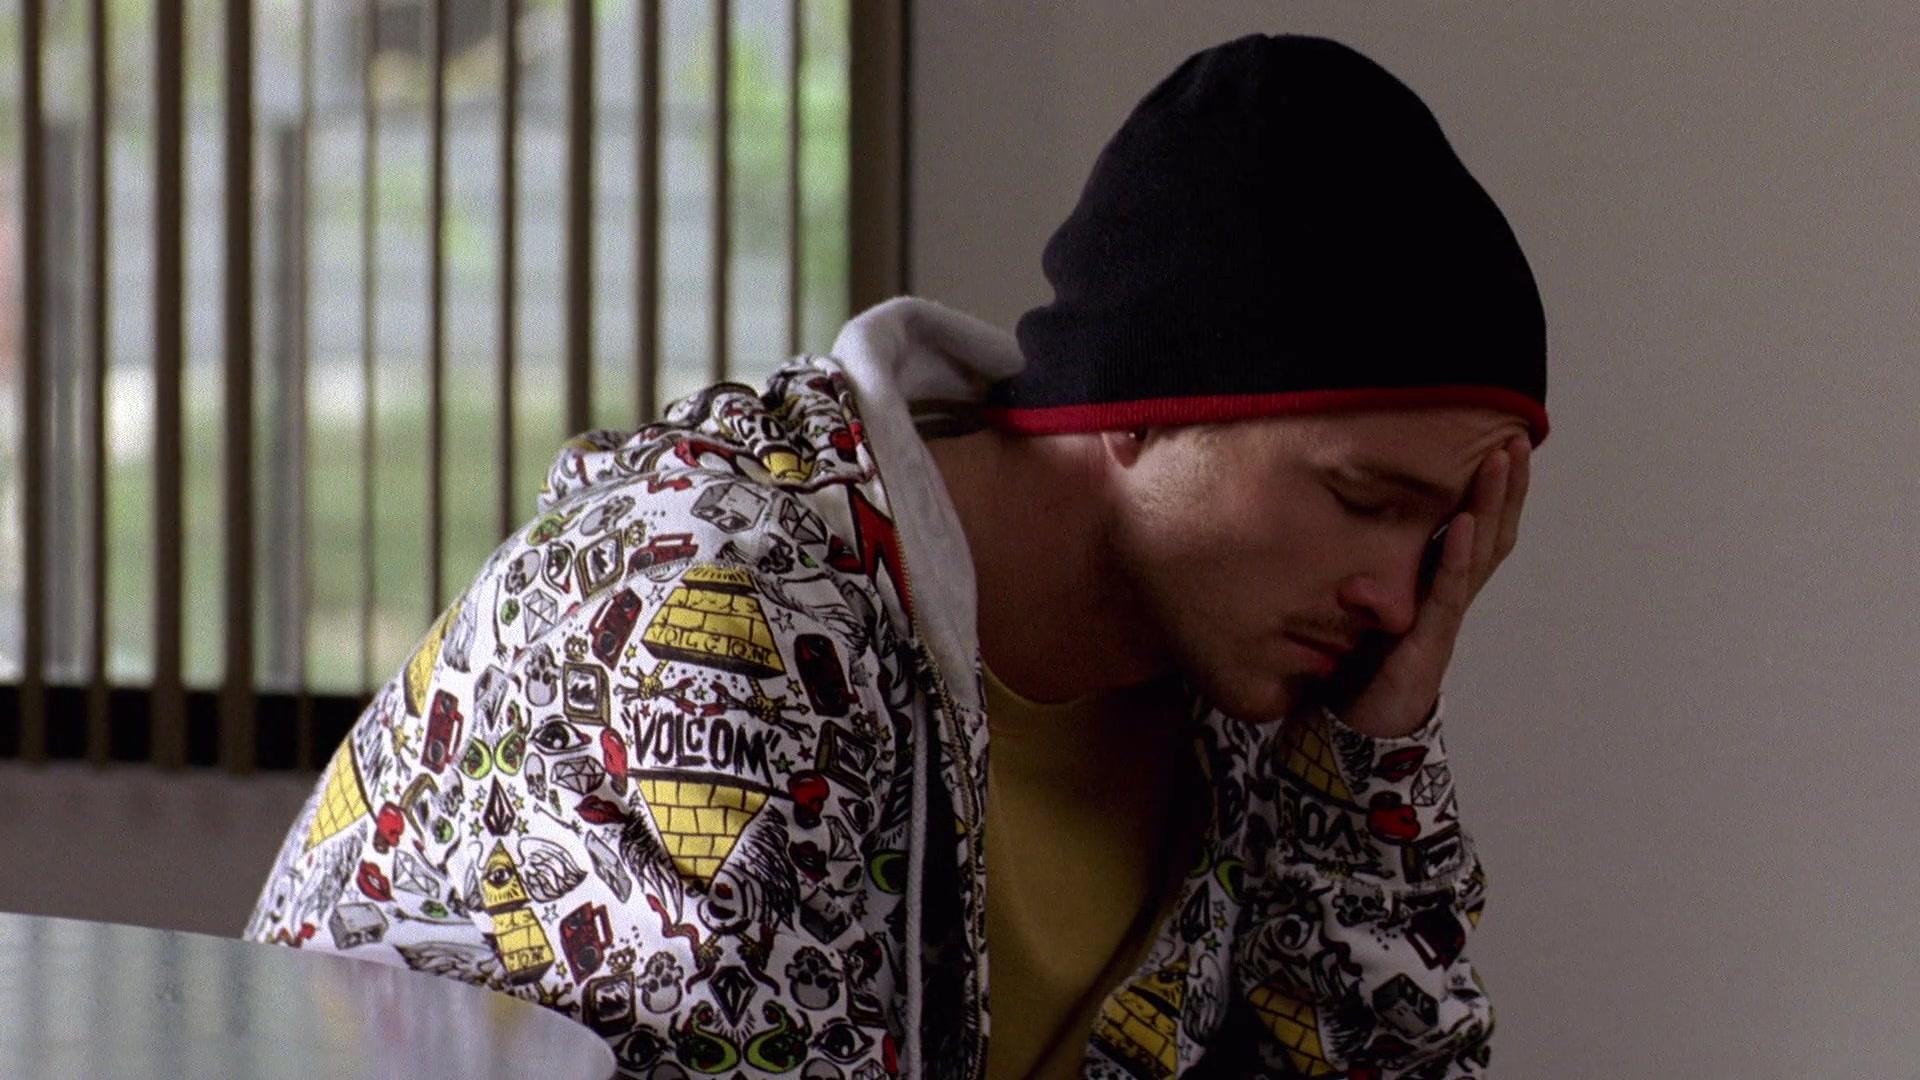 Sótano Influyente Embotellamiento  Volcom Hoodie Worn By Aaron Paul (Jesse Pinkman) In Breaking Bad Season 2  Episode 4: Down (2009)